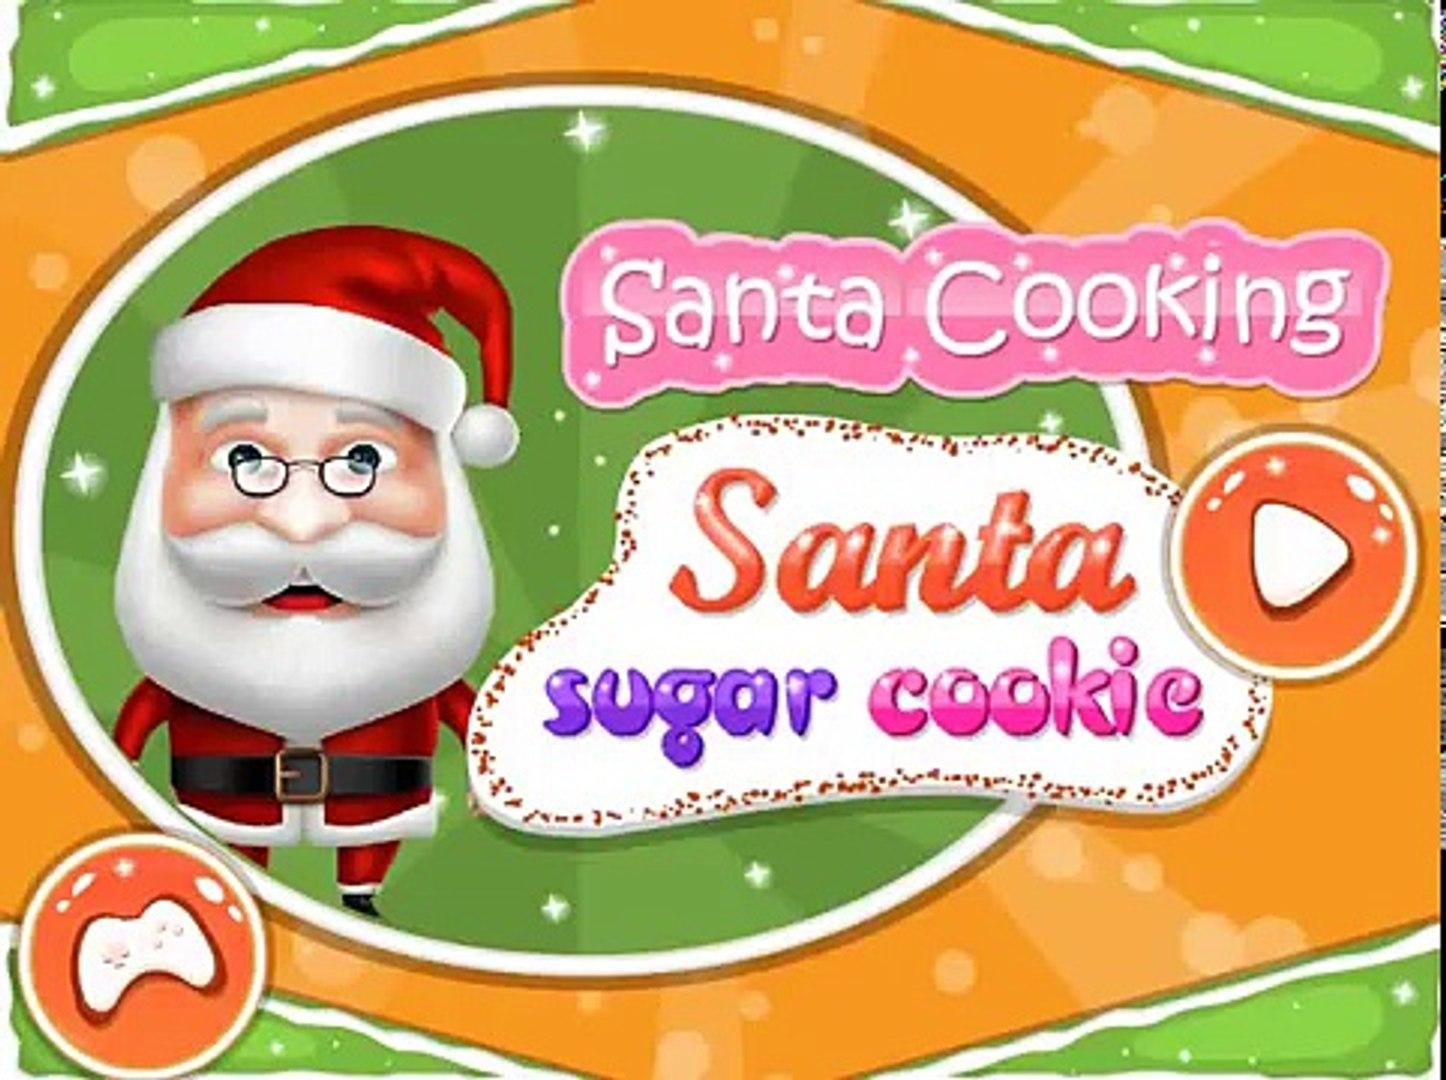 Санта сахарного печенья игры лучшие игры онлайн игры удивительные детские игры для детей [БГ]